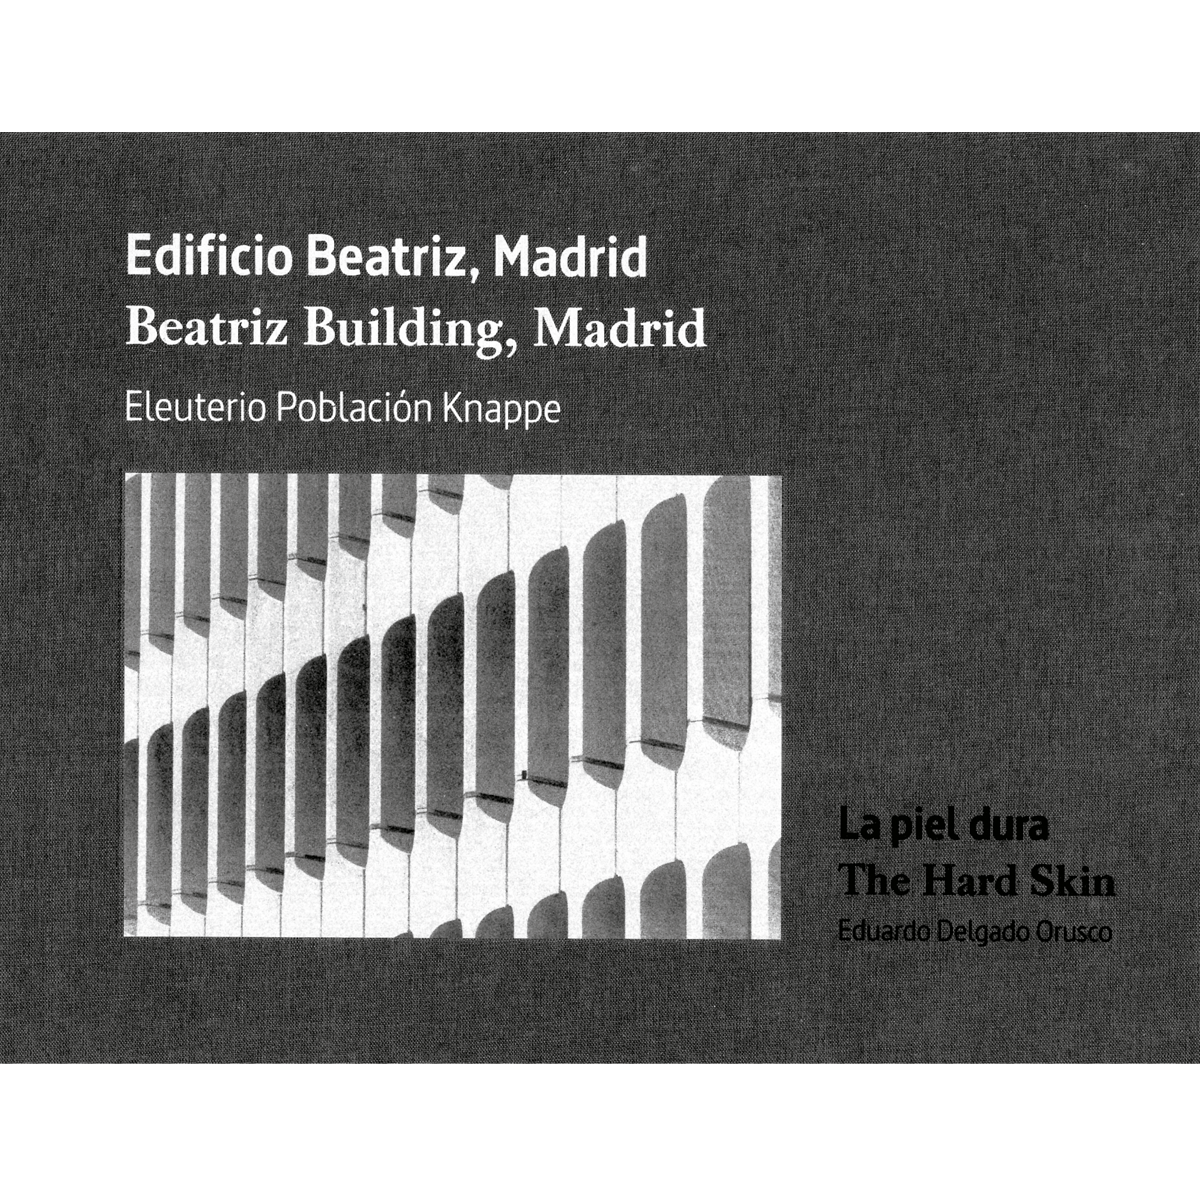 El Edificio Beatriz. Madrid